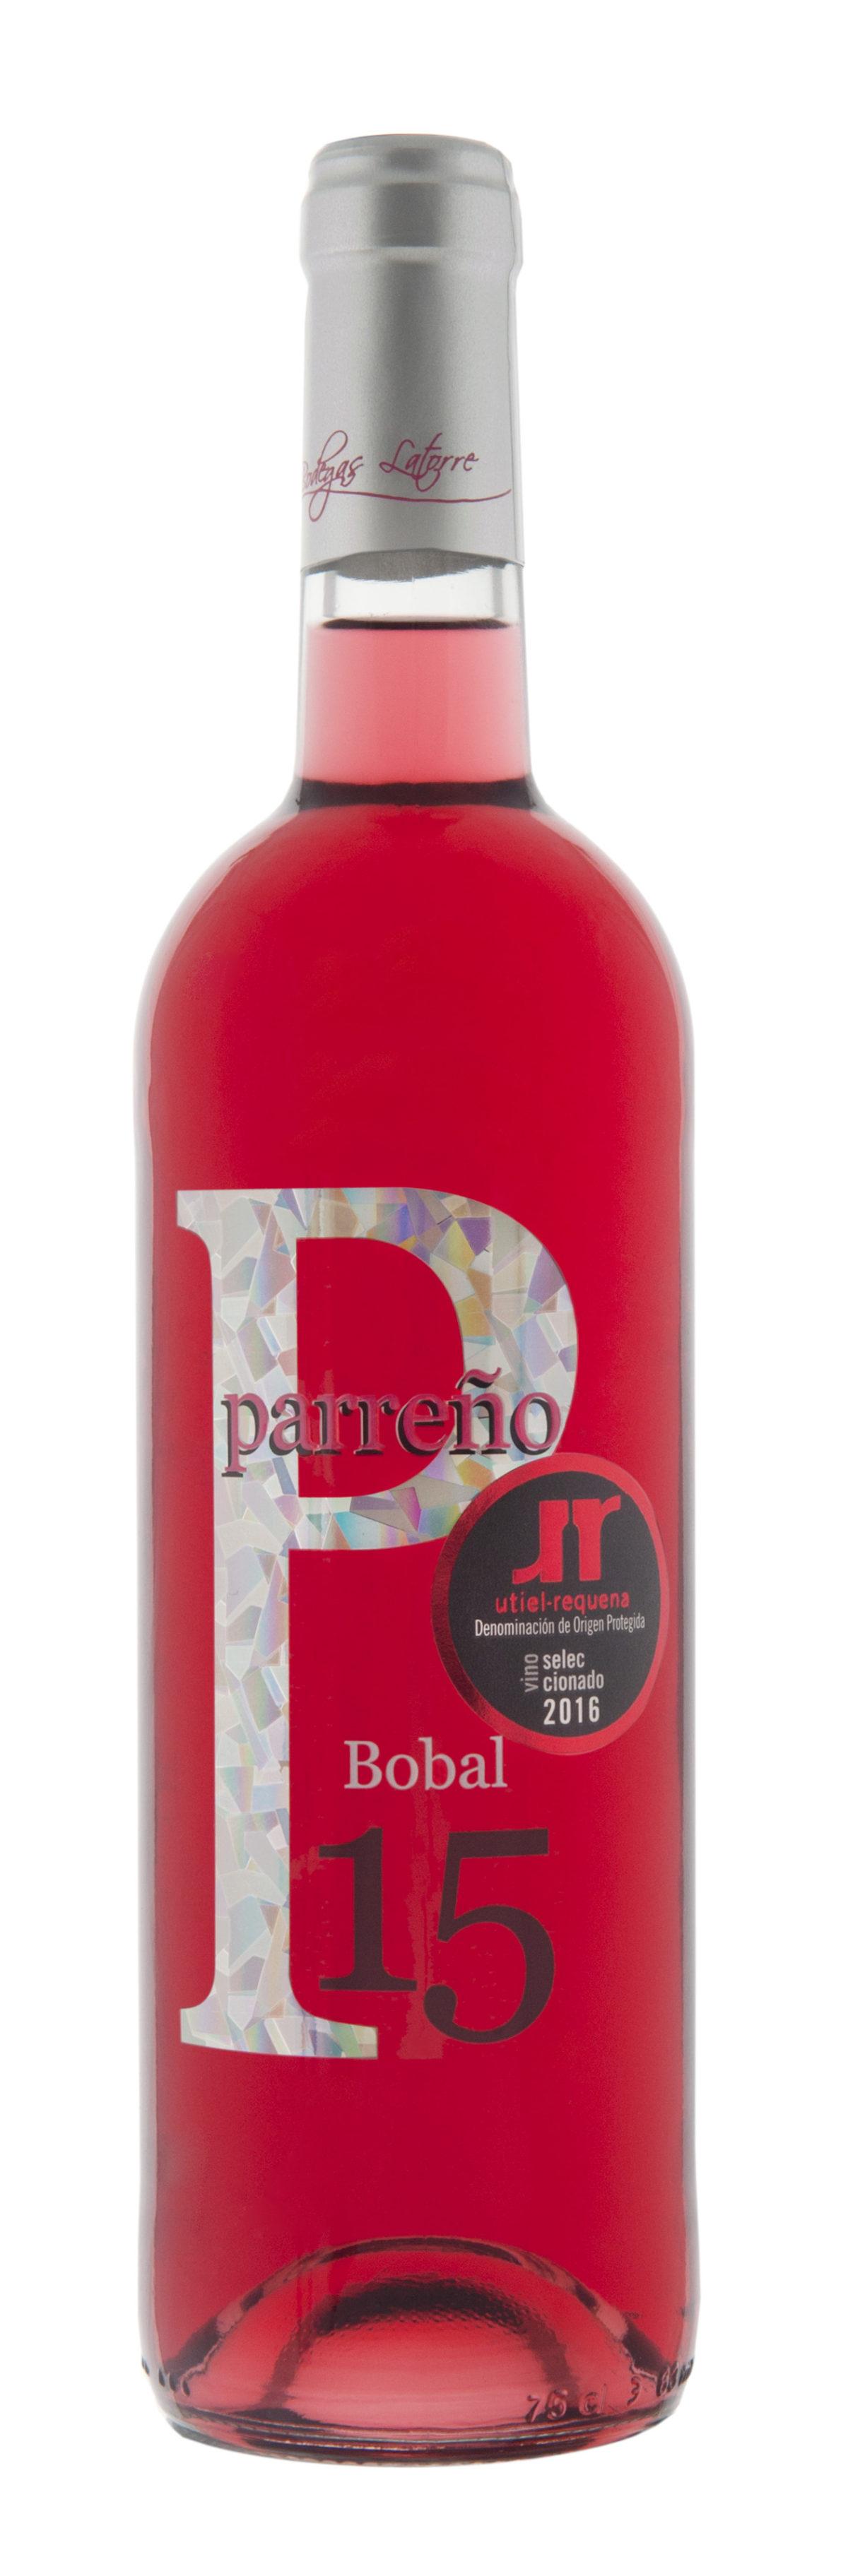 Utiel-Requena elige ocho vinos representativos de la Denominación de Origen